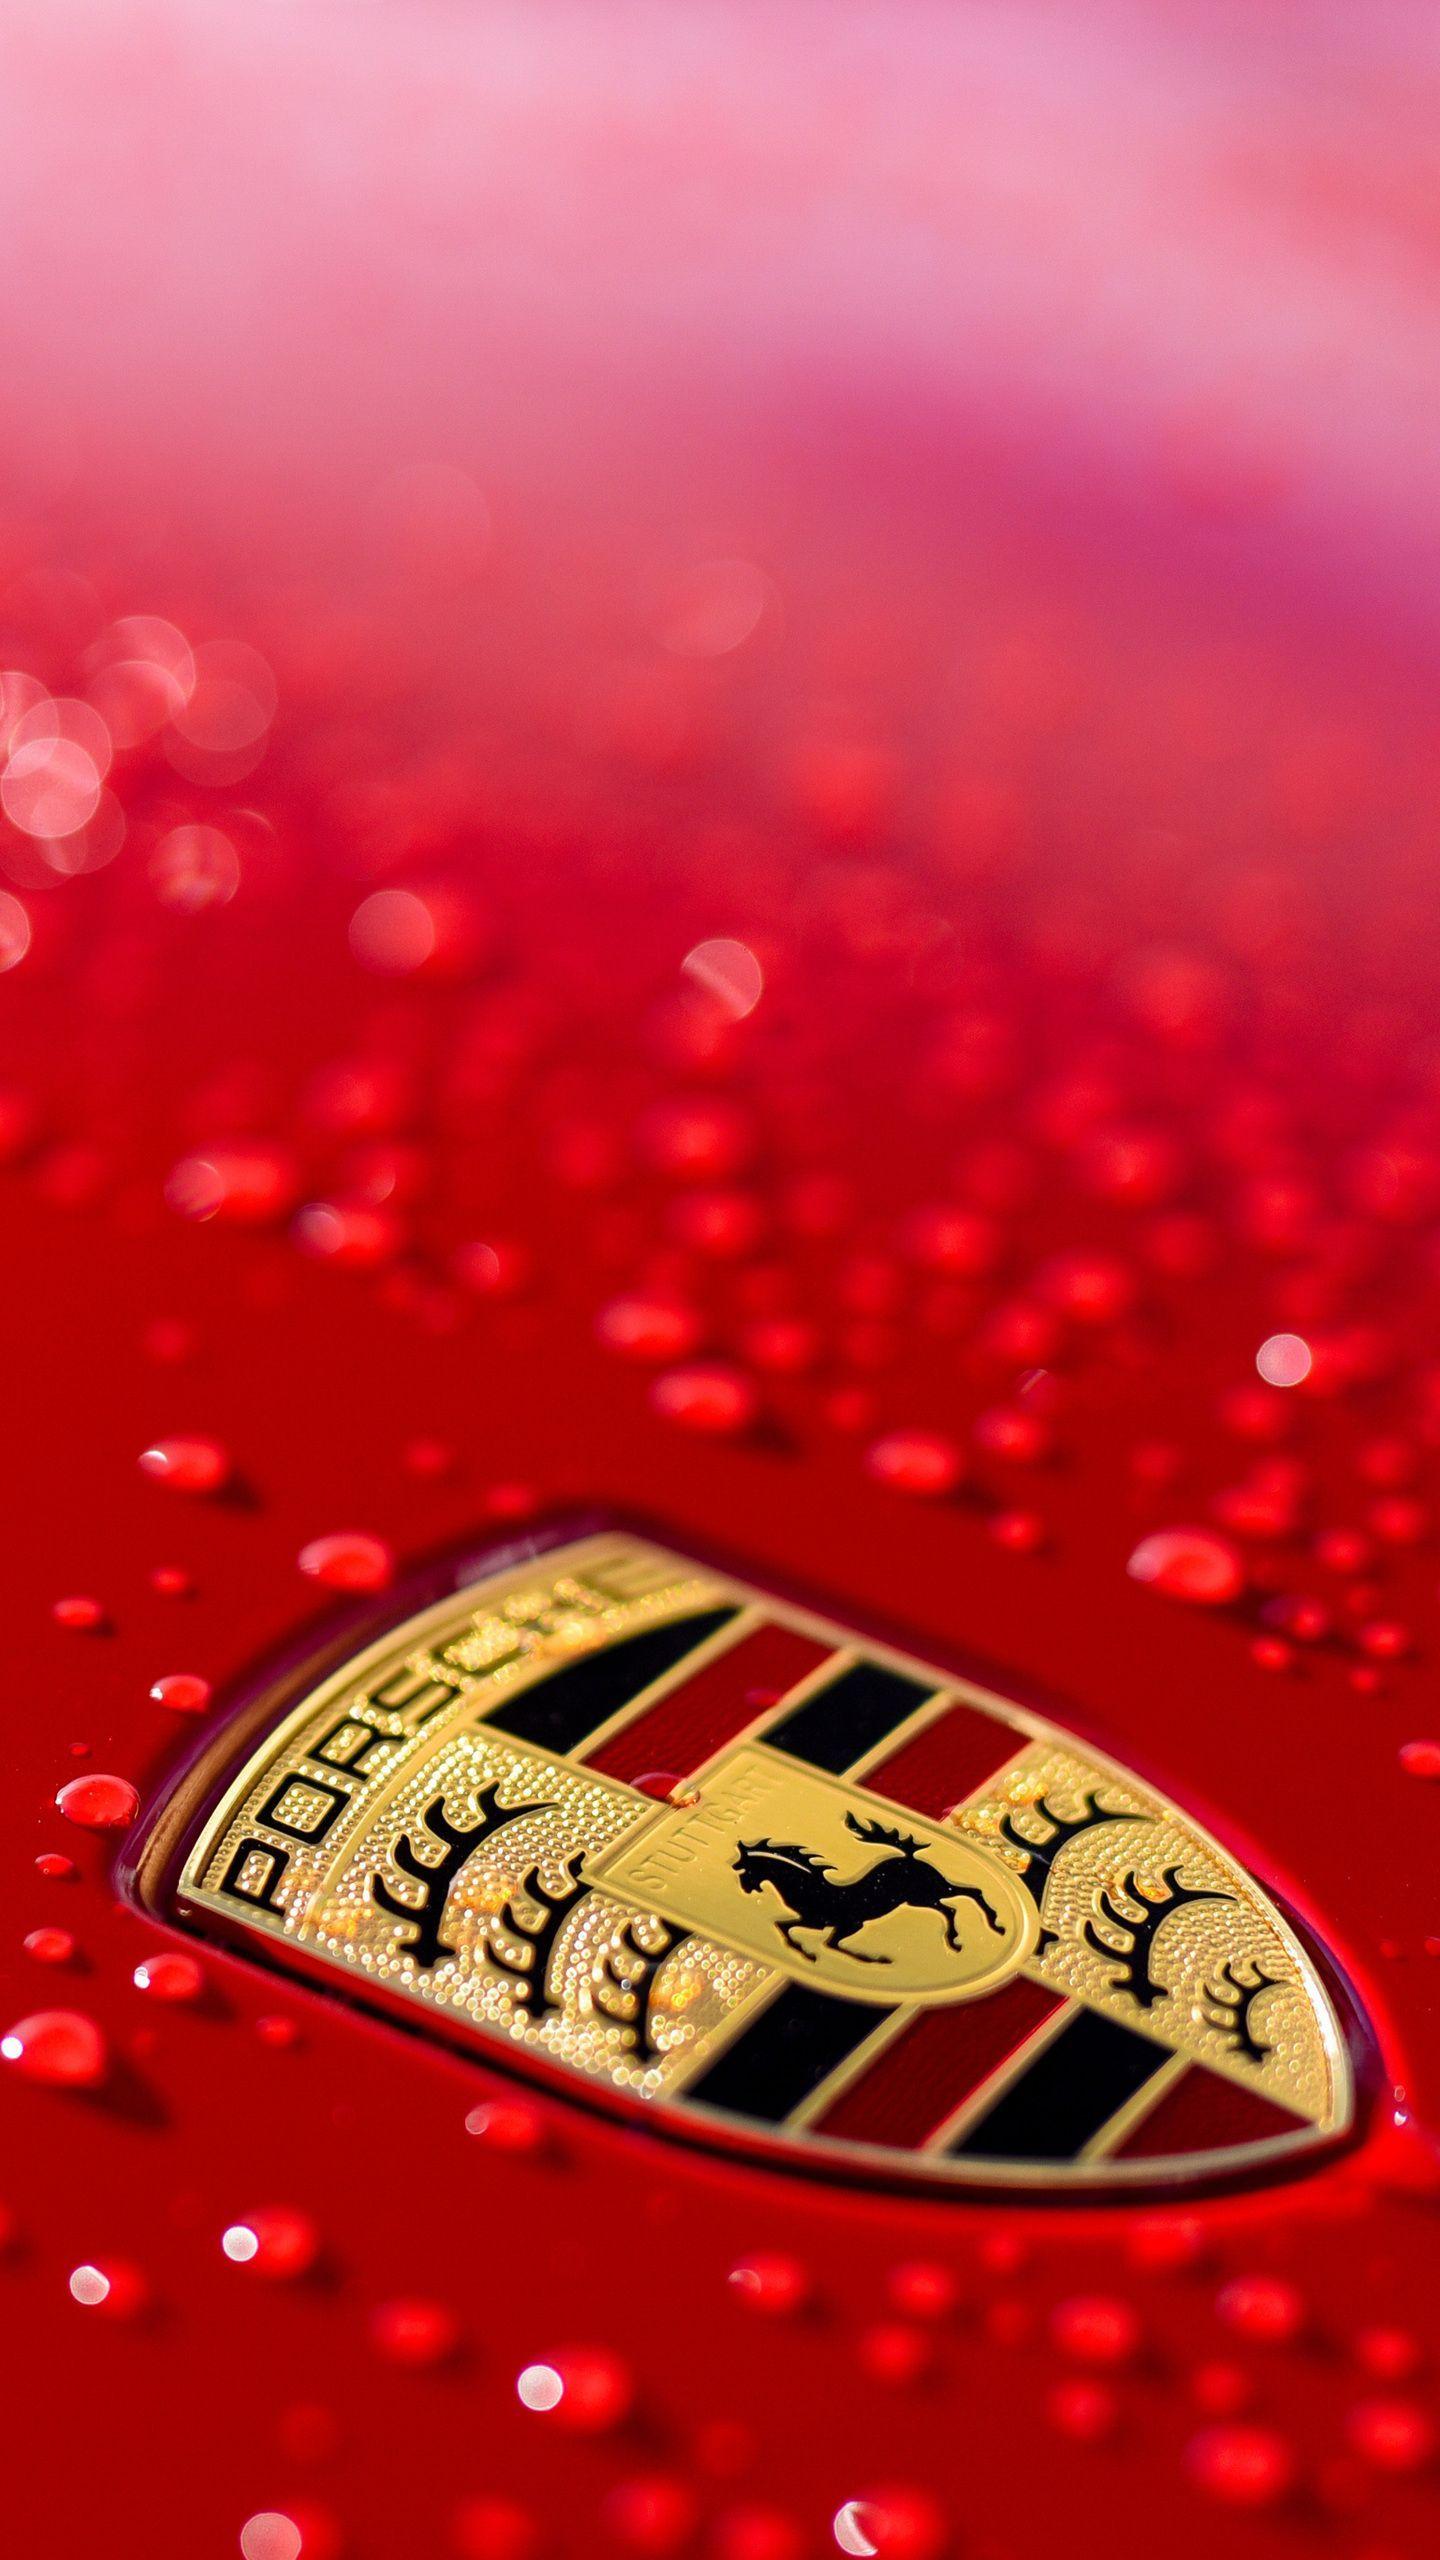 Porsche Logo Wallpaper Porsche Wallpaper Car Wallpapers Car Wallpapers Luxury Car Logos Porsche Logo